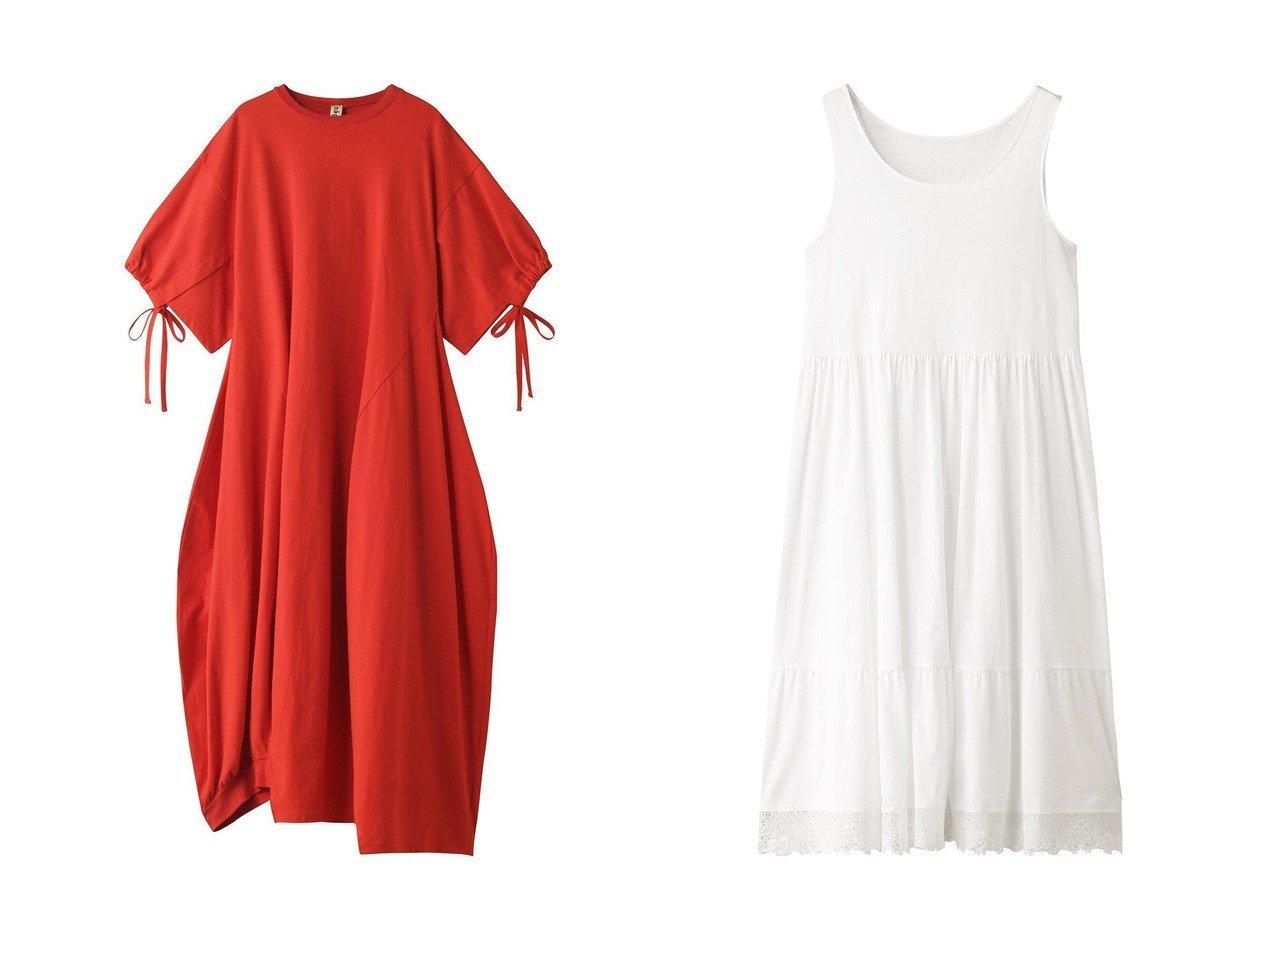 【nanadecor/ナナデコール】のペチコートドレス&【nagonstans/ナゴンスタンス】のCO Thick Jersey 立体ドレープドレス 【ワンピース・ドレス】おすすめ!人気、トレンド・レディースファッションの通販  おすすめで人気の流行・トレンド、ファッションの通販商品 メンズファッション・キッズファッション・インテリア・家具・レディースファッション・服の通販 founy(ファニー) https://founy.com/ ファッション Fashion レディースファッション WOMEN ワンピース Dress ドレス Party Dresses アウター Coat Outerwear コート Coats ドレス リボン ロング フェミニン ヘムライン ペチコート レース  ID:crp329100000028248